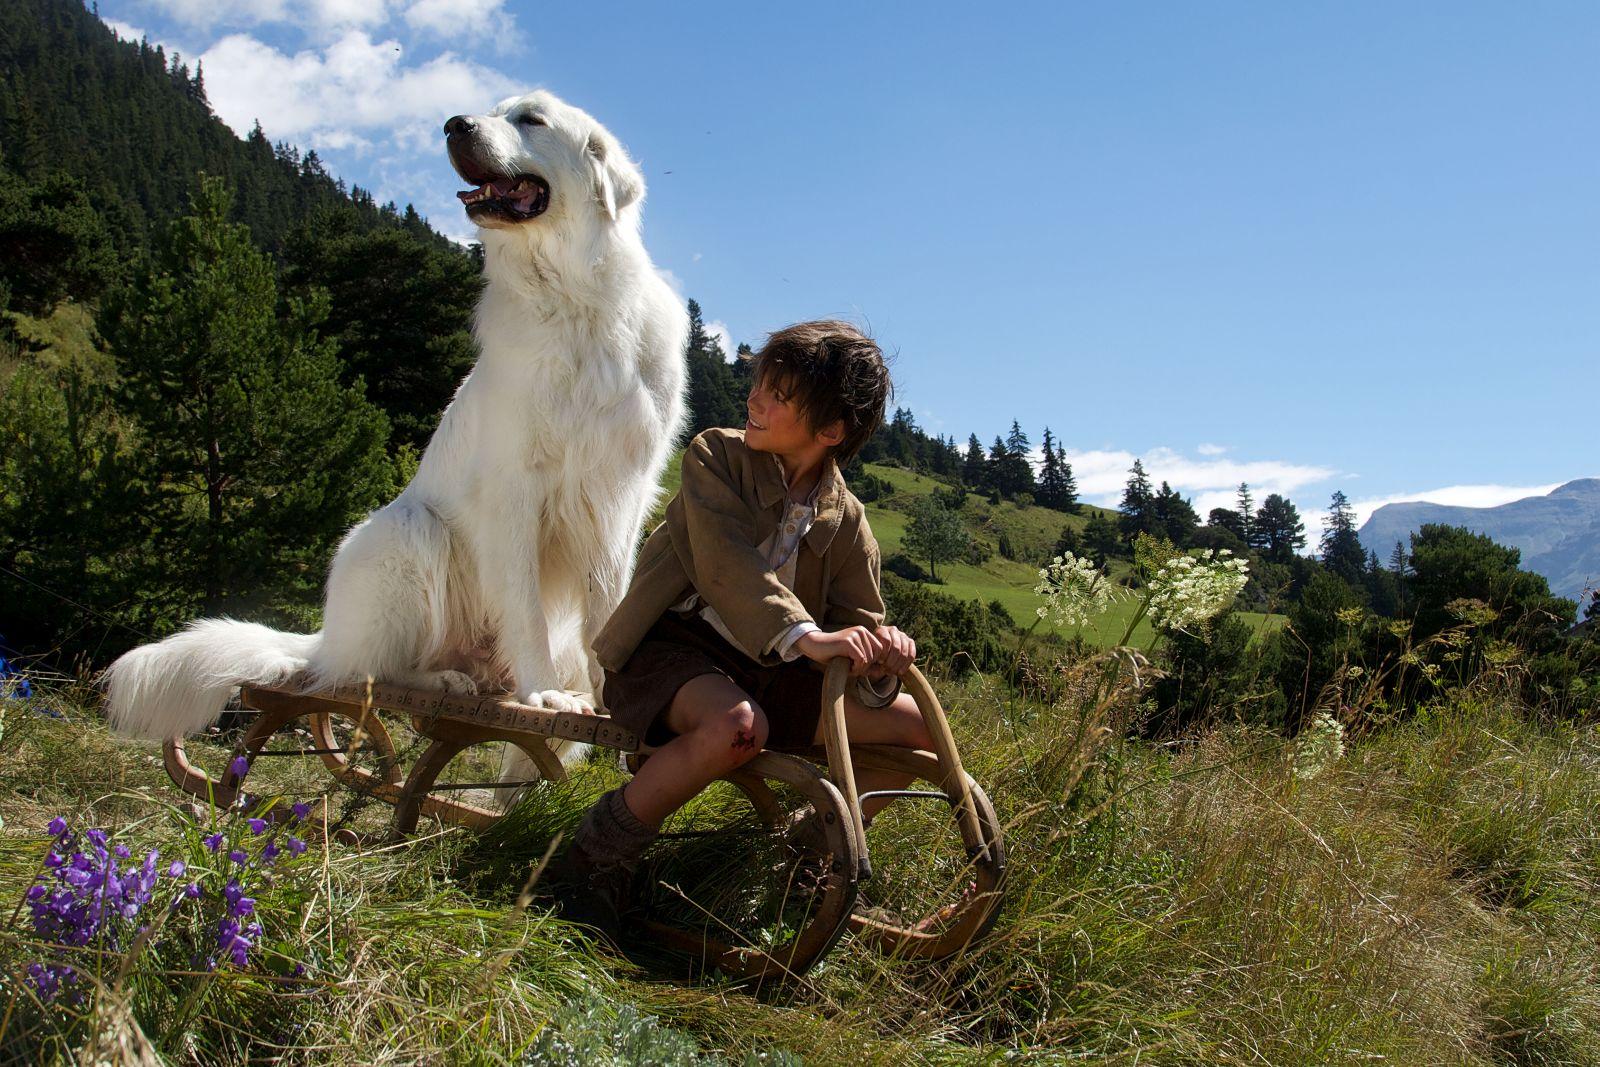 Belle & Sebastien - L'avventura continua: Félix Bossuet si diverte con l'amato cane in una scena del film